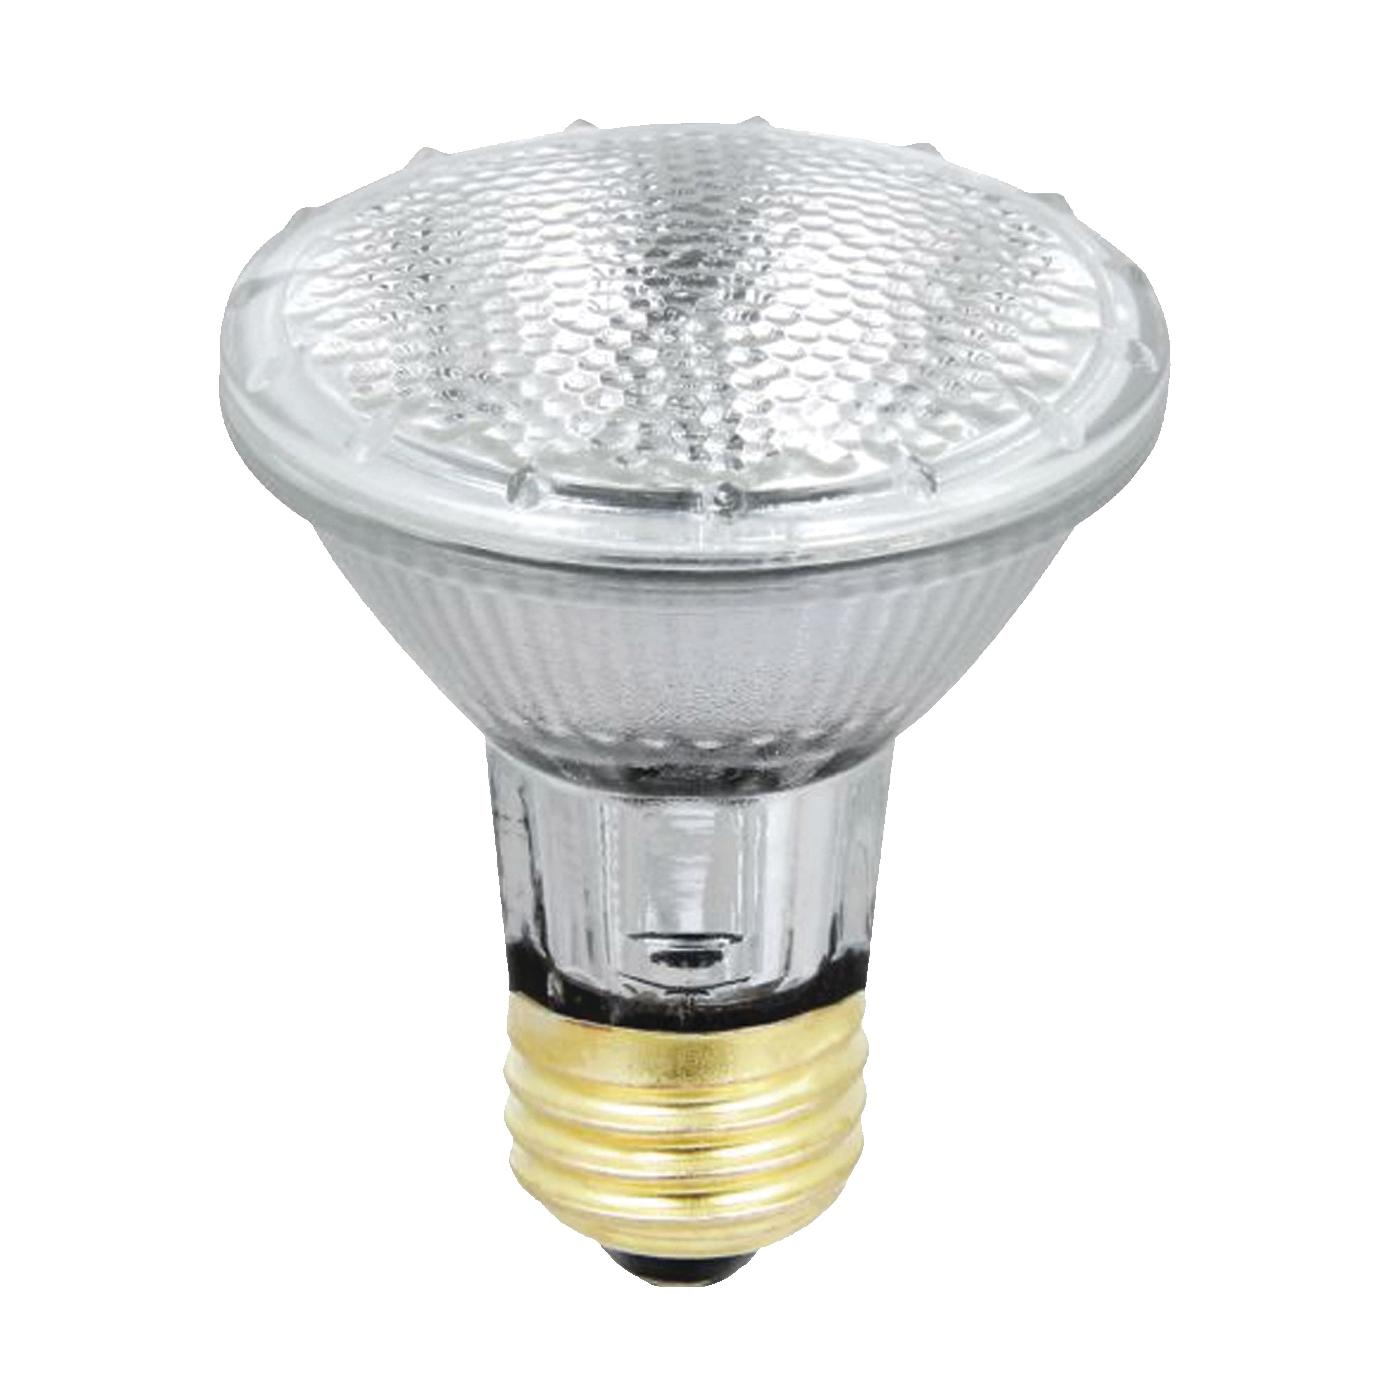 Picture of Feit Electric 38PAR20/QFL/ES/2 Halogen Lamp, 38 W, Medium E26 Lamp Base, PAR20 Lamp, Soft White Light, 530 Lumens